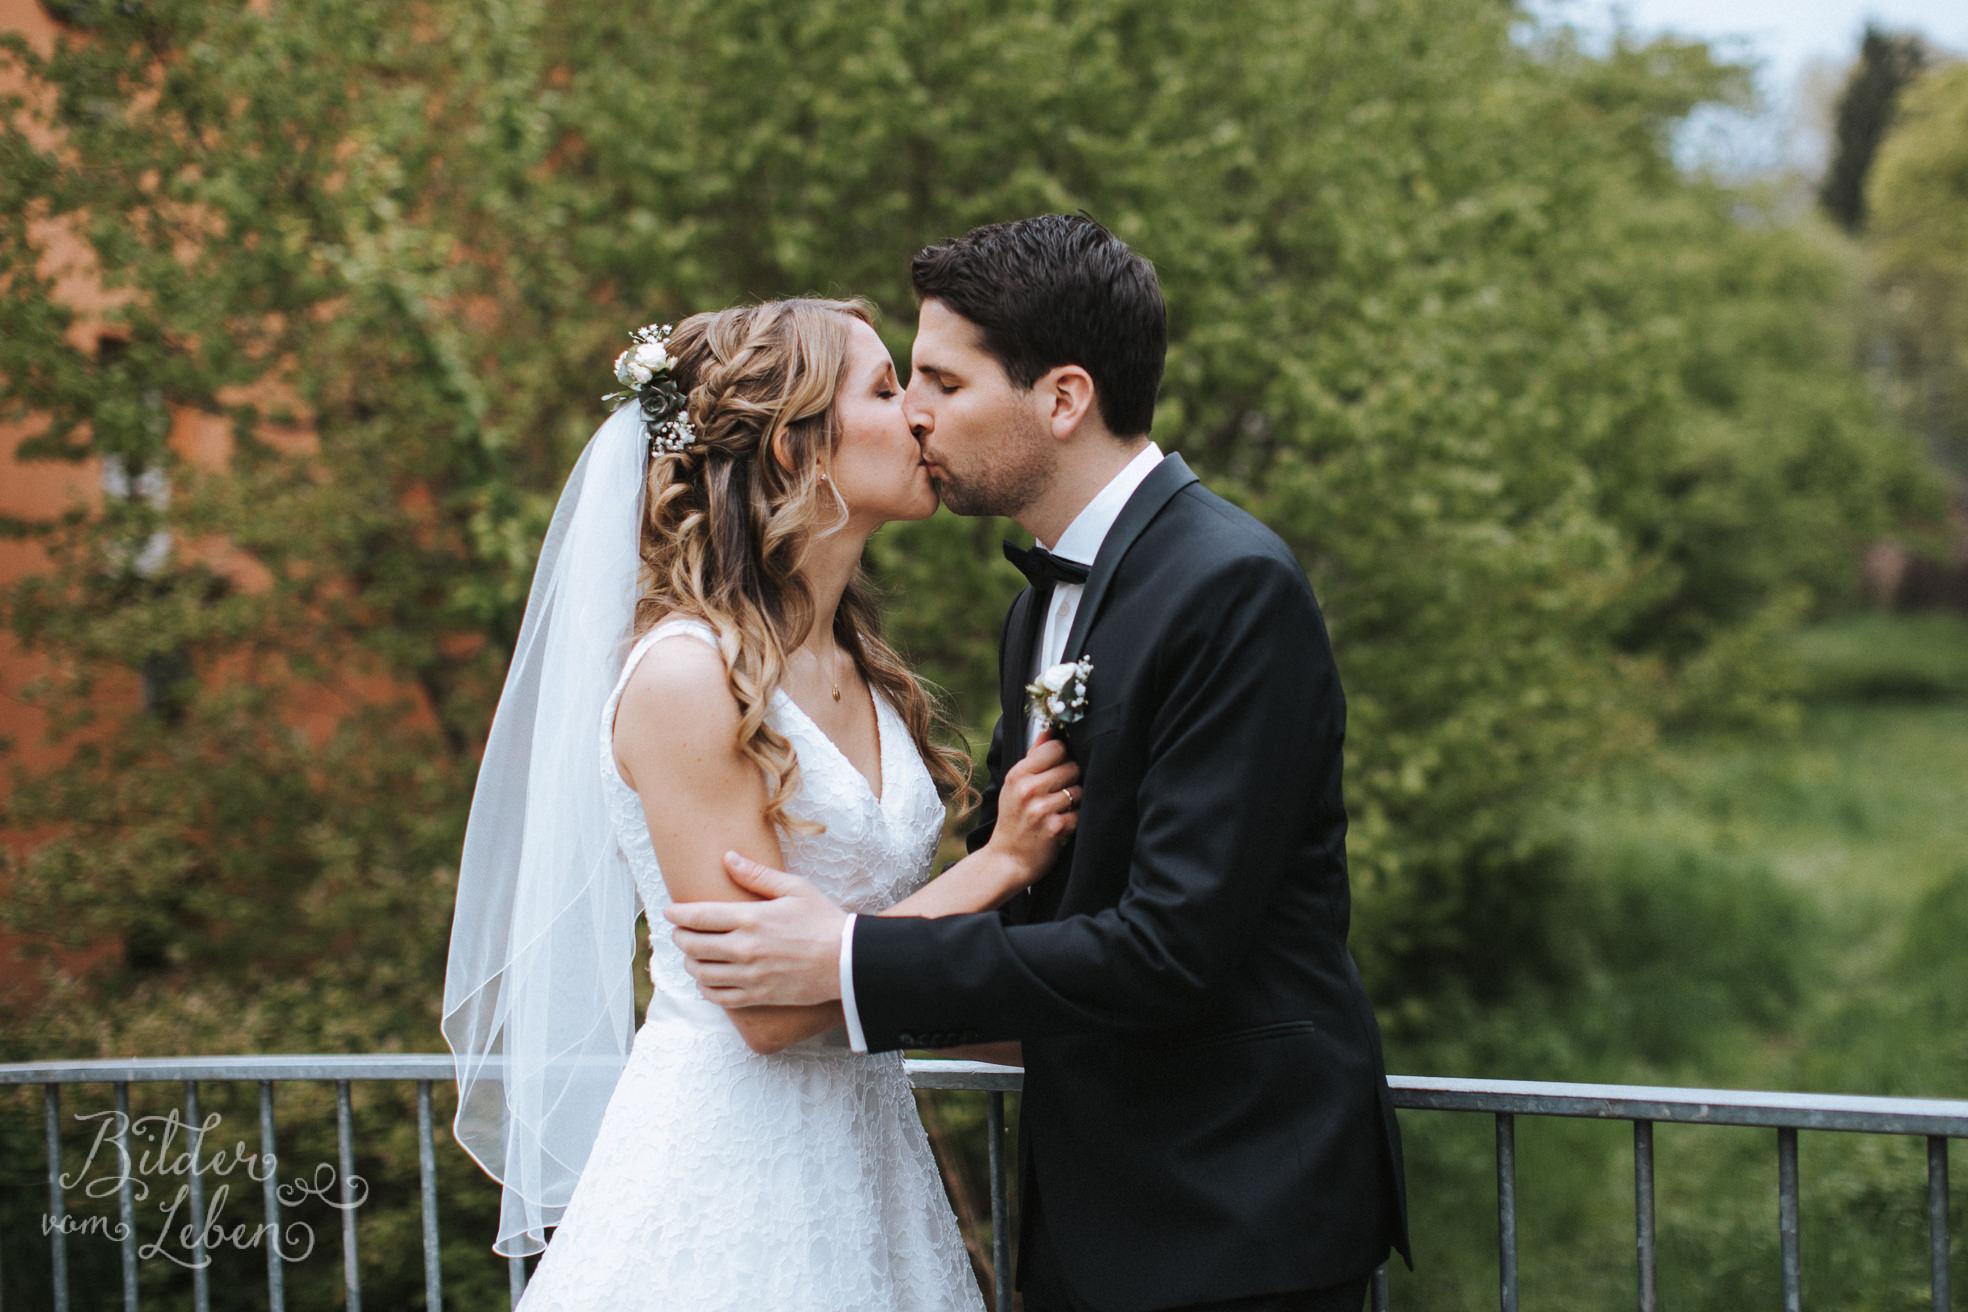 0100-Alex-Martin-Hochzeit-9426